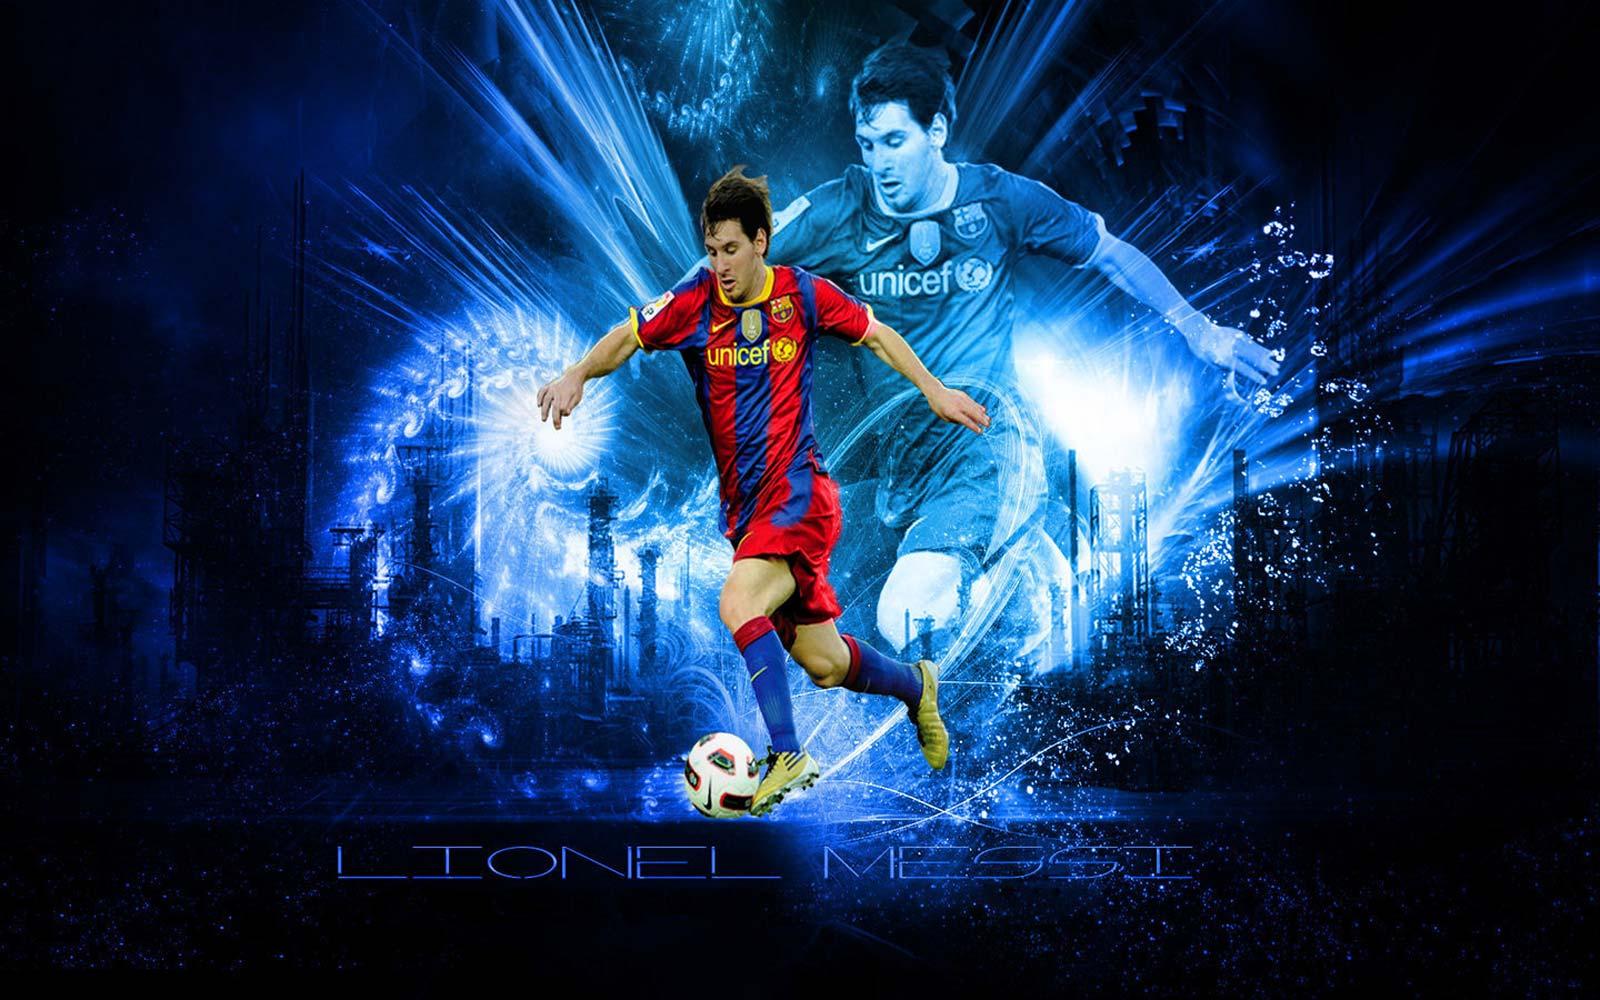 http://1.bp.blogspot.com/-xqU-KgWL76Y/UDx9QjPR3oI/AAAAAAAAAkE/Ad9I3XYru2A/s1600/Lionel+Messi+HD+Wallpaper+2012-2013+13.jpg